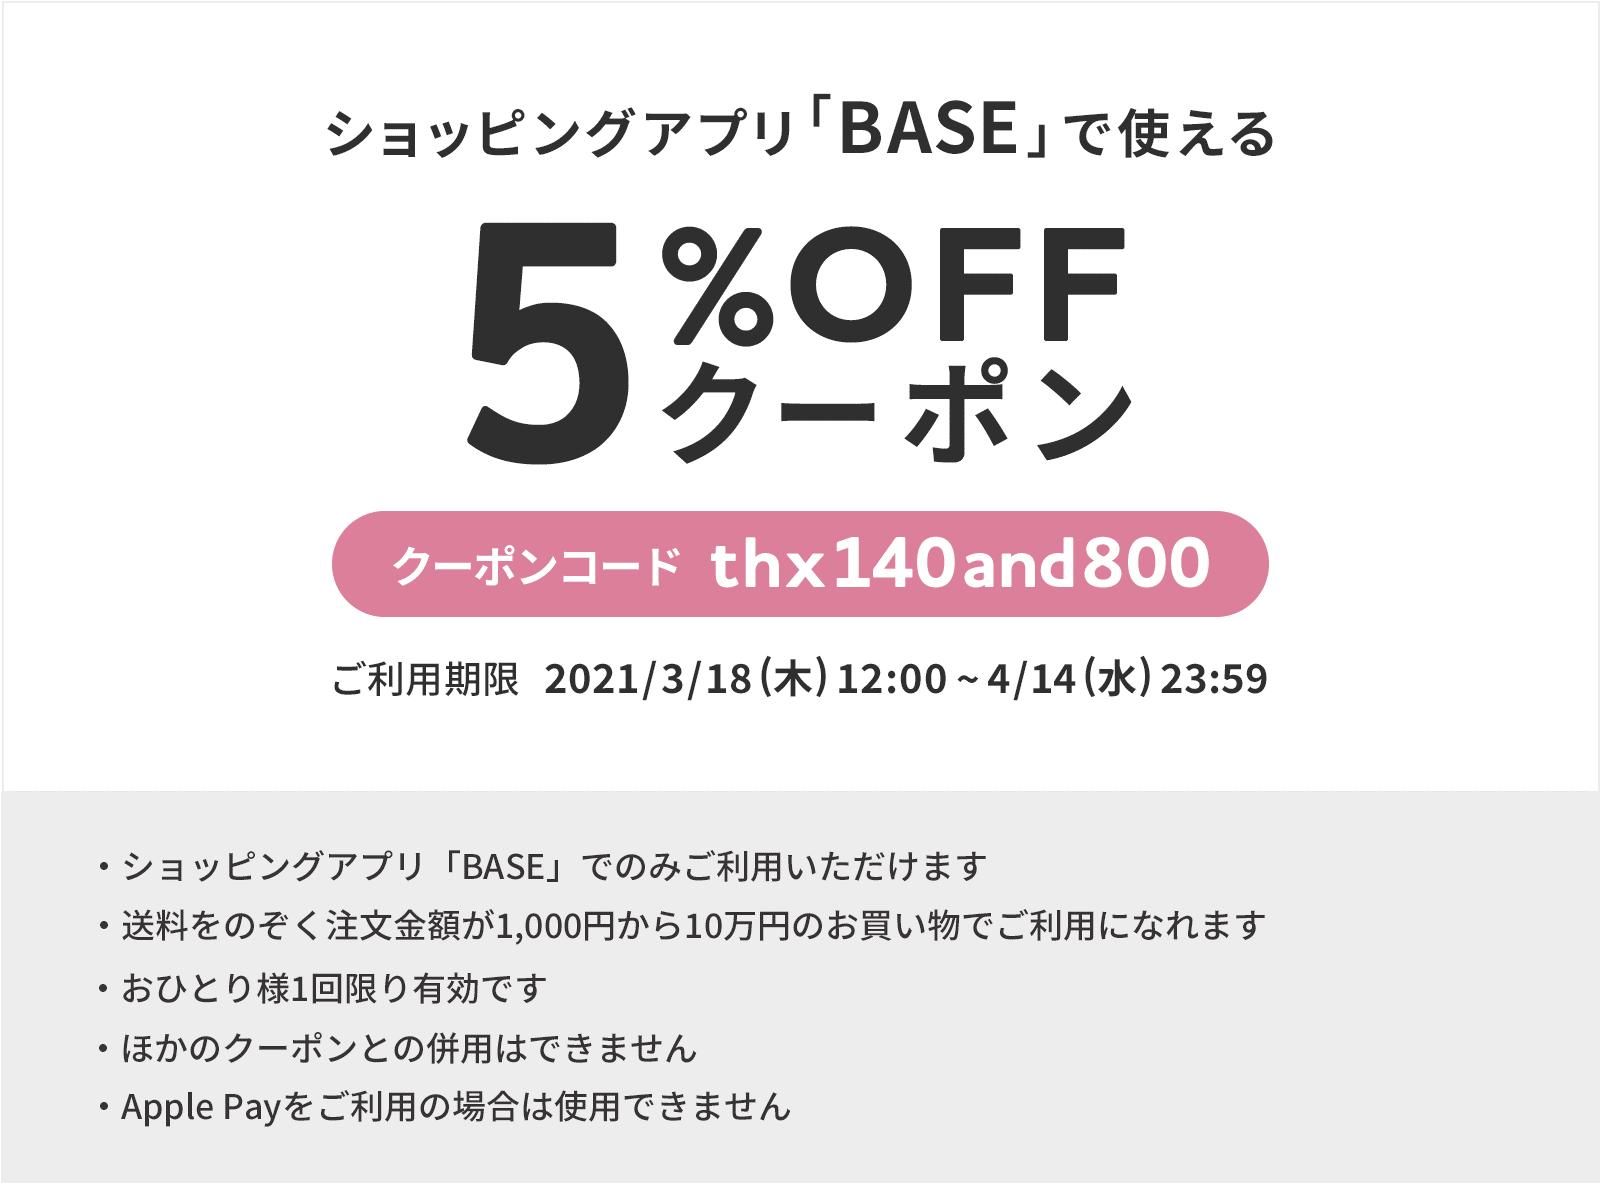 【3月18日~4月14日 期間限定】5%OFFクーポンをプレゼント!